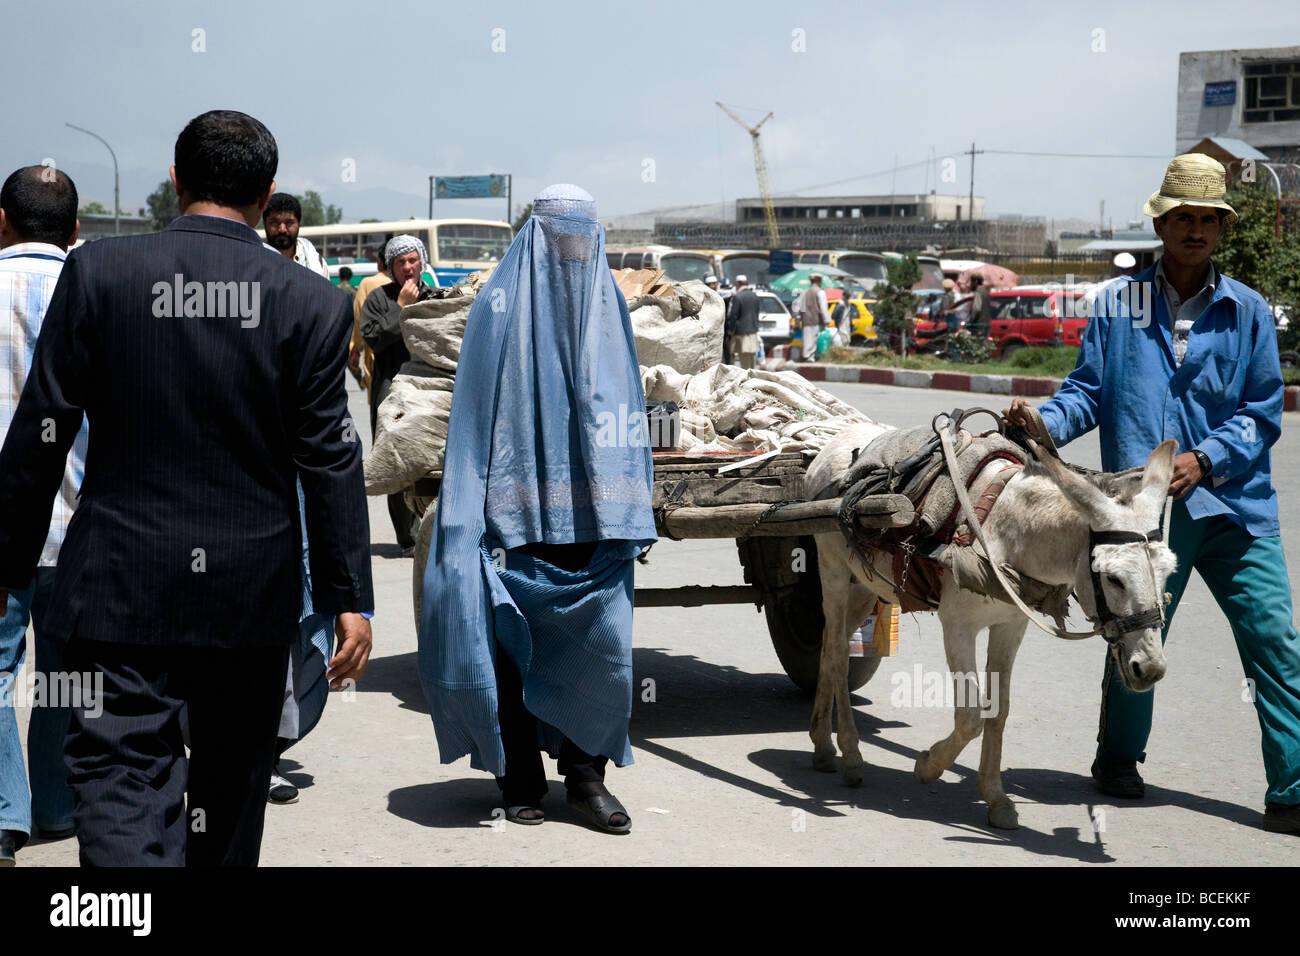 Un mélange de vêtements et des cultures de tailleur à bleu burqa à âne dans une rue de Photo Stock